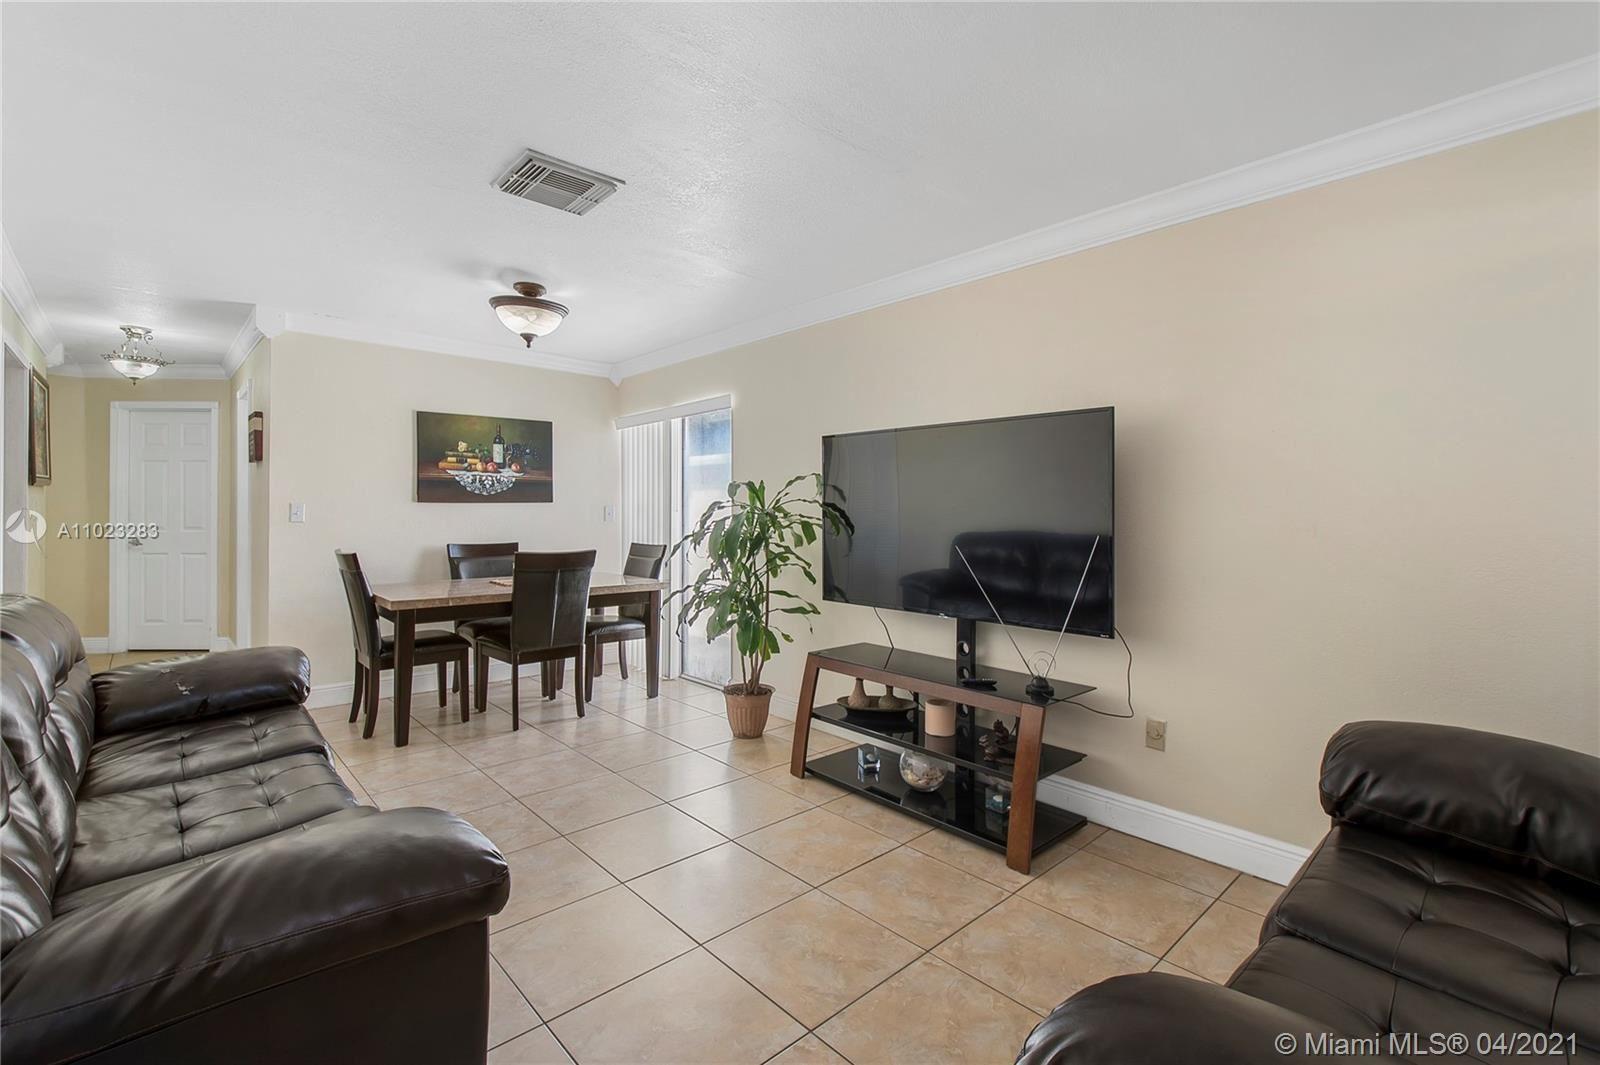 8426 SW 38 St #7, Miami, FL 33155 - #: A11023283